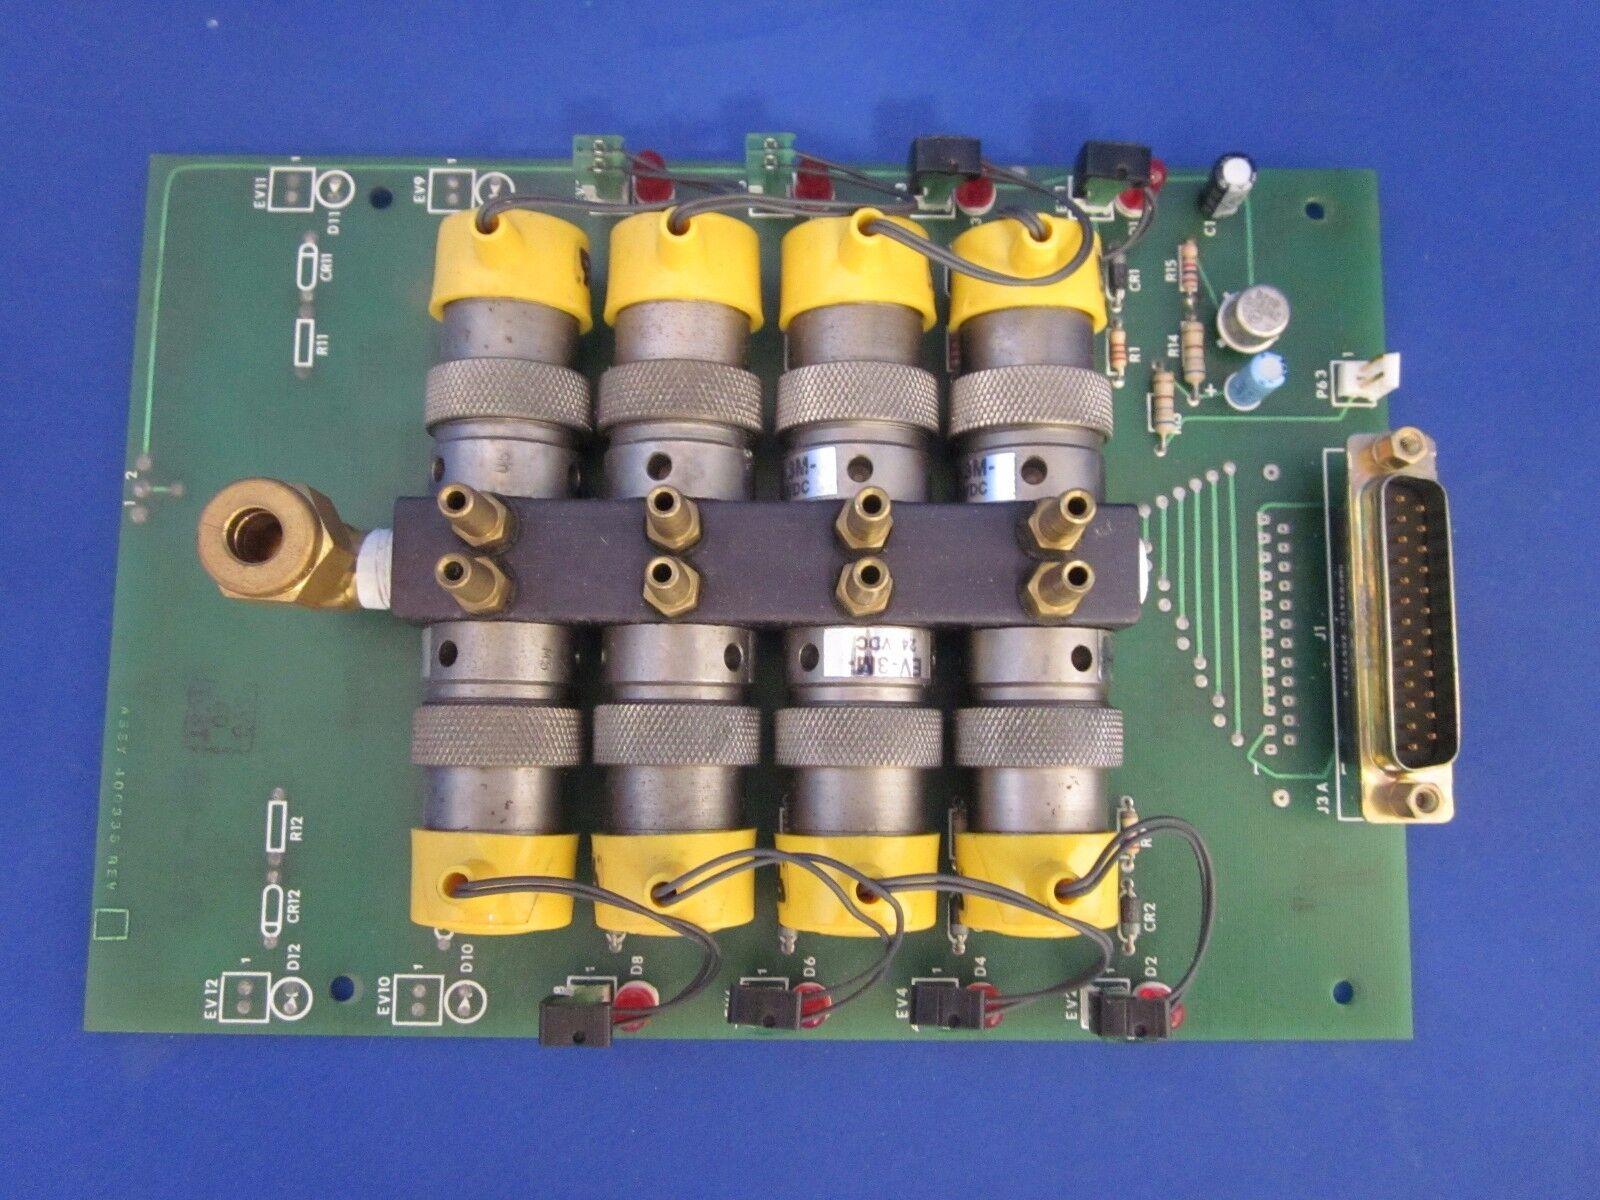 25St Linsenkopfschrauben ISO 7380-1 V2A rostfrei M3x4